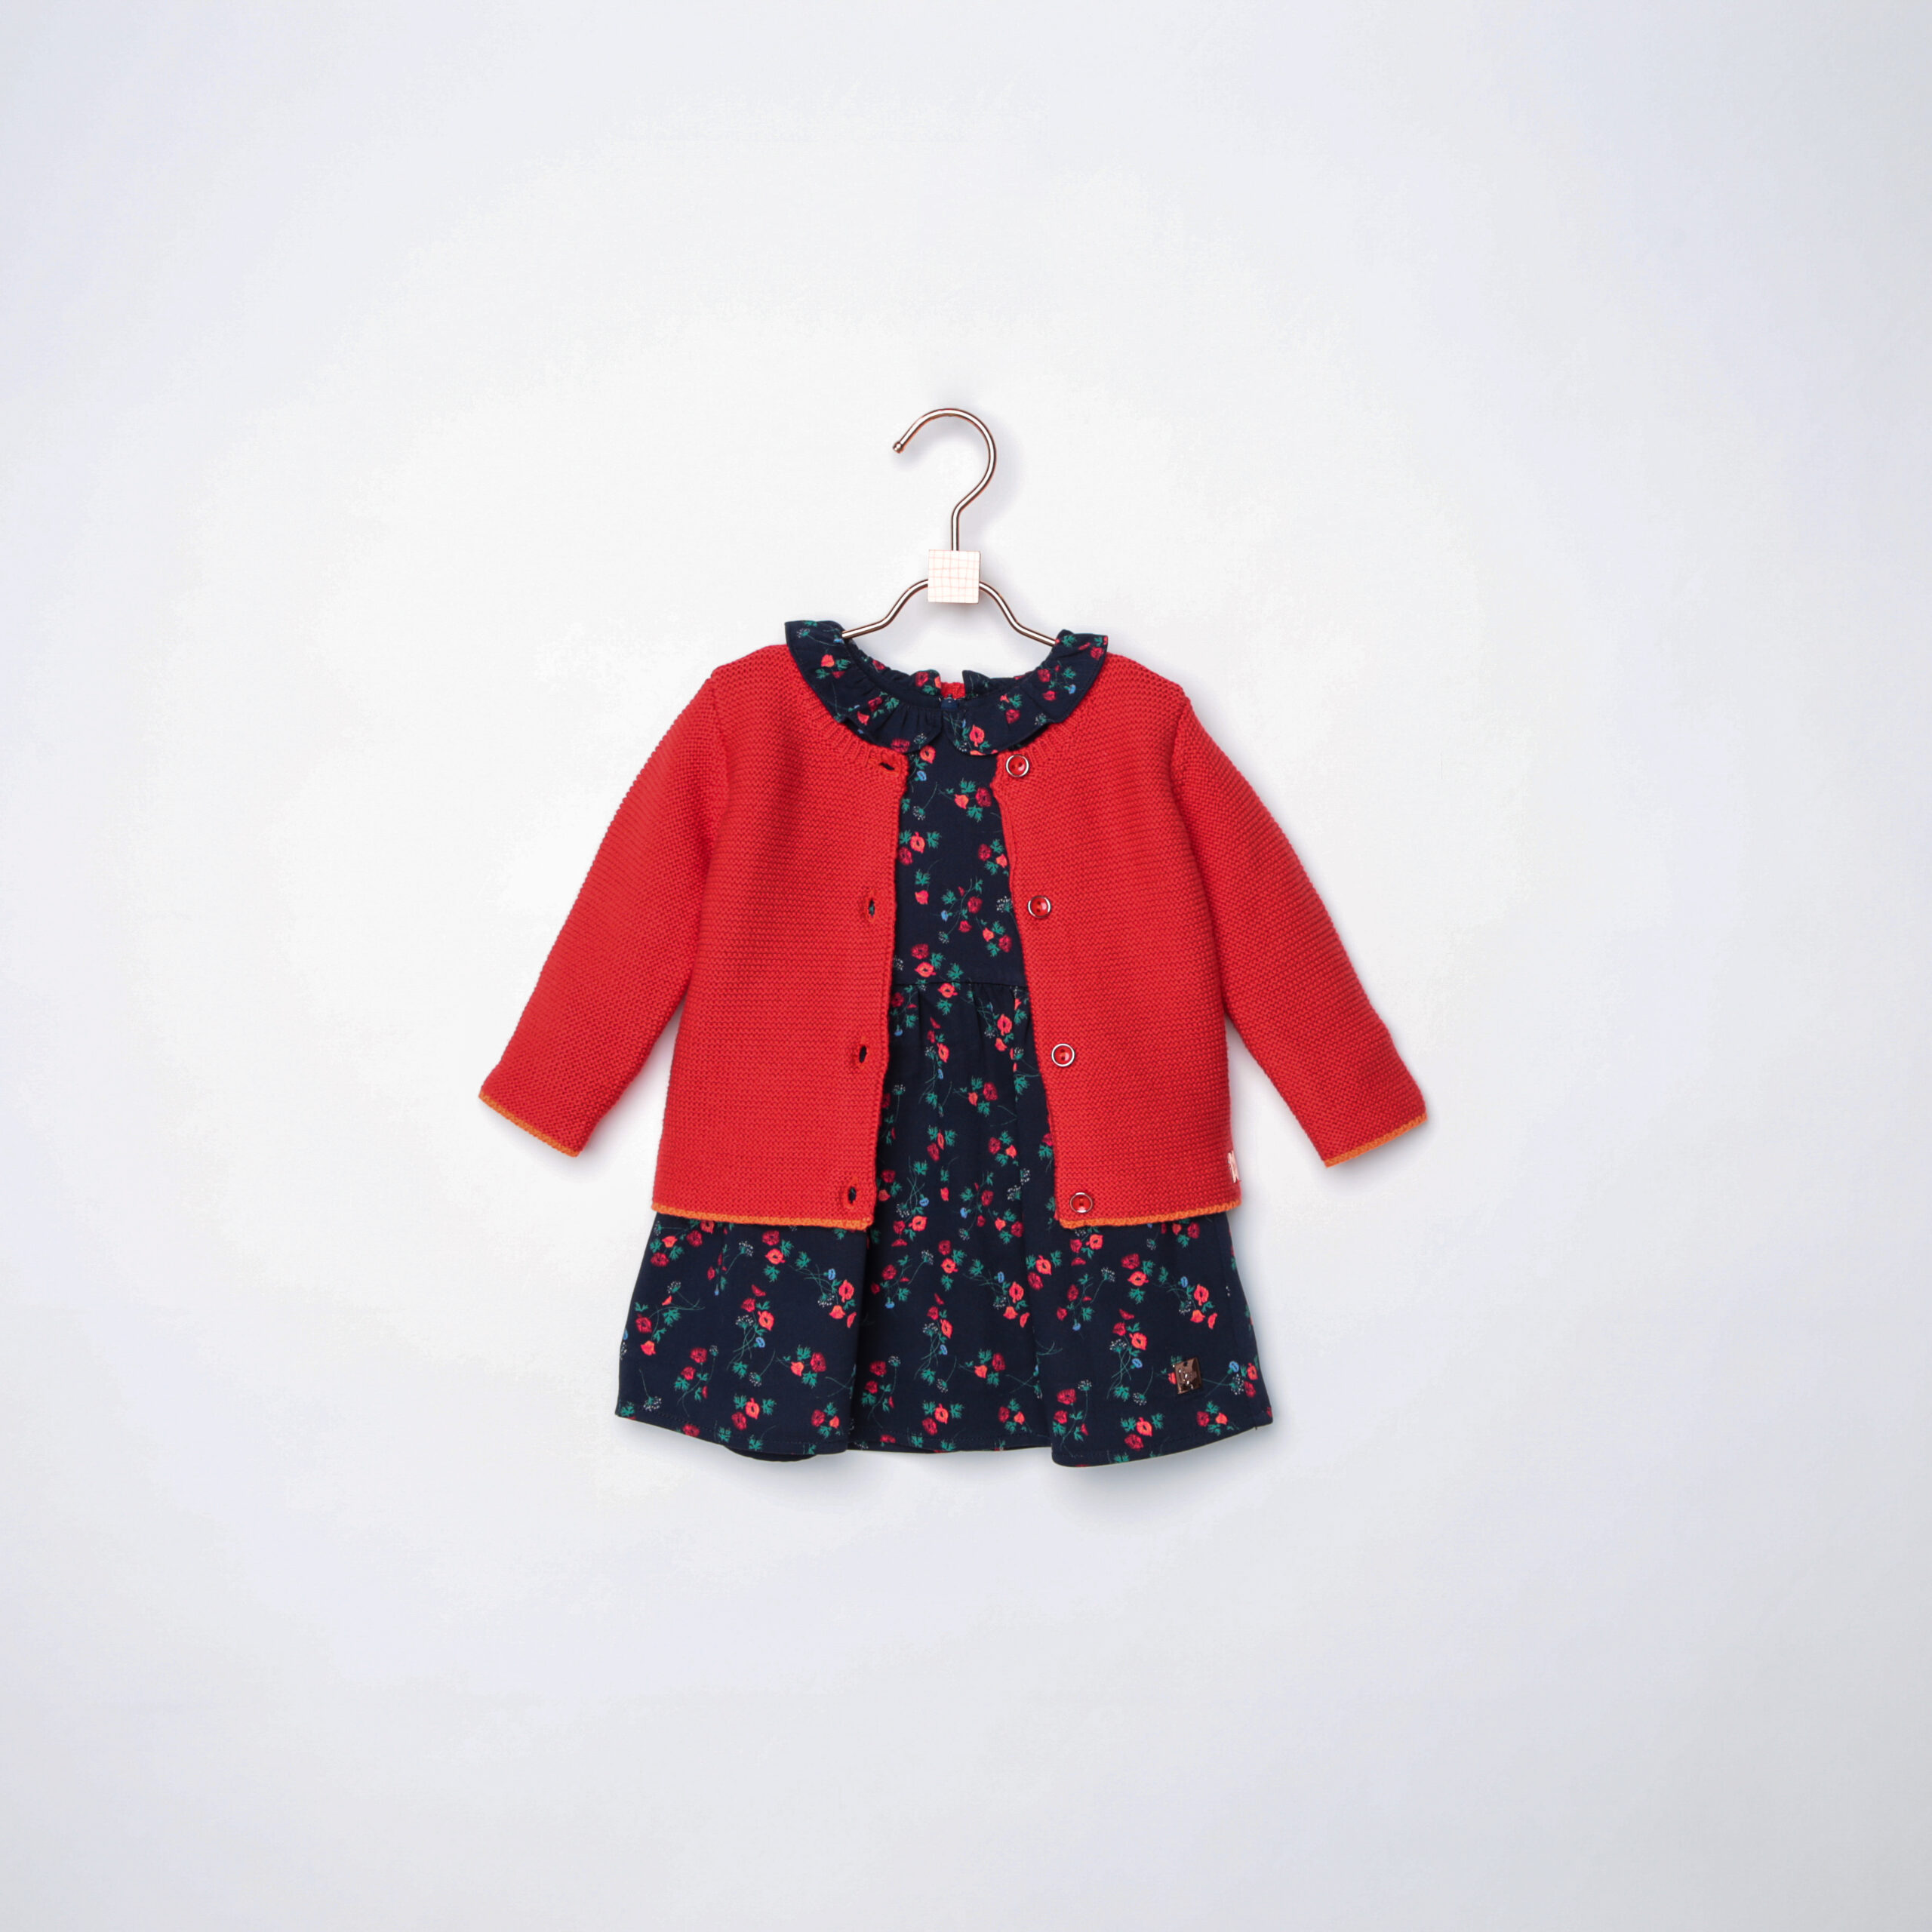 Gwendoline Lefeuvre ⎮ Graphisme & Design textile à Nantes ⎮ Carrément Beau marque de vêtements Enfants